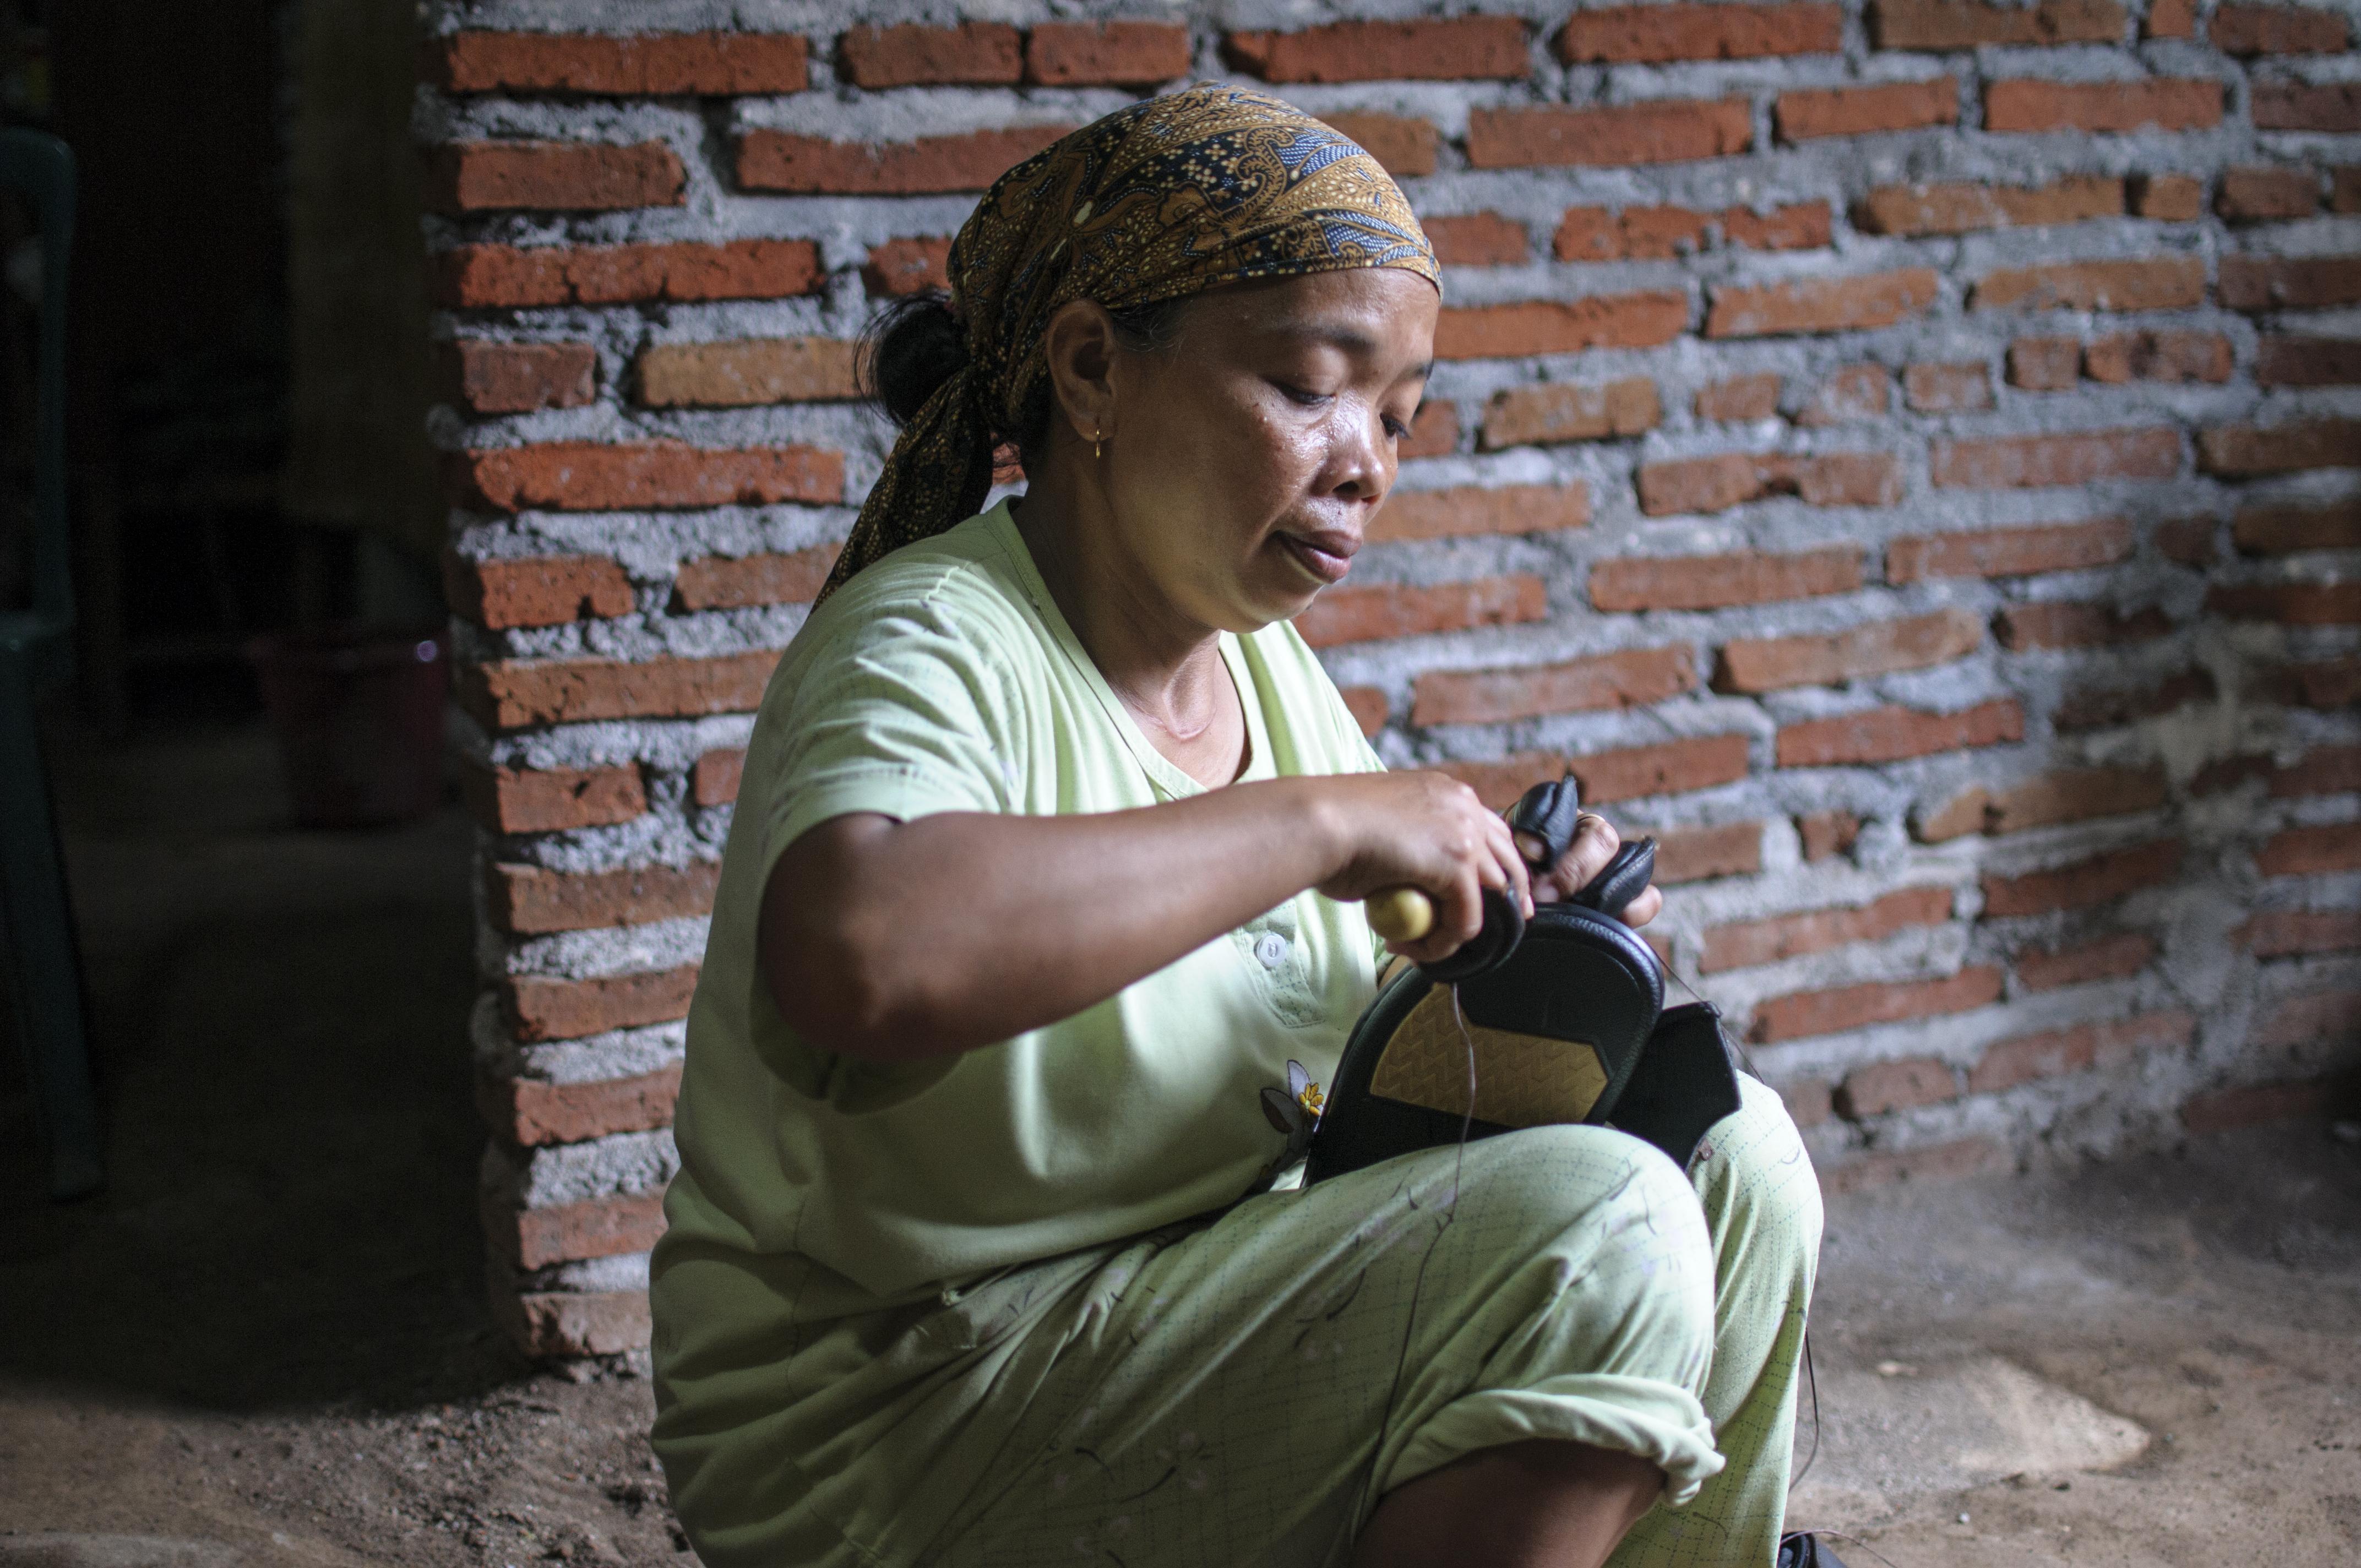 Trabajo temporal y a domicilio impide la organización y mantiene salarios de pobreza en el sector del calzado de Indonesia